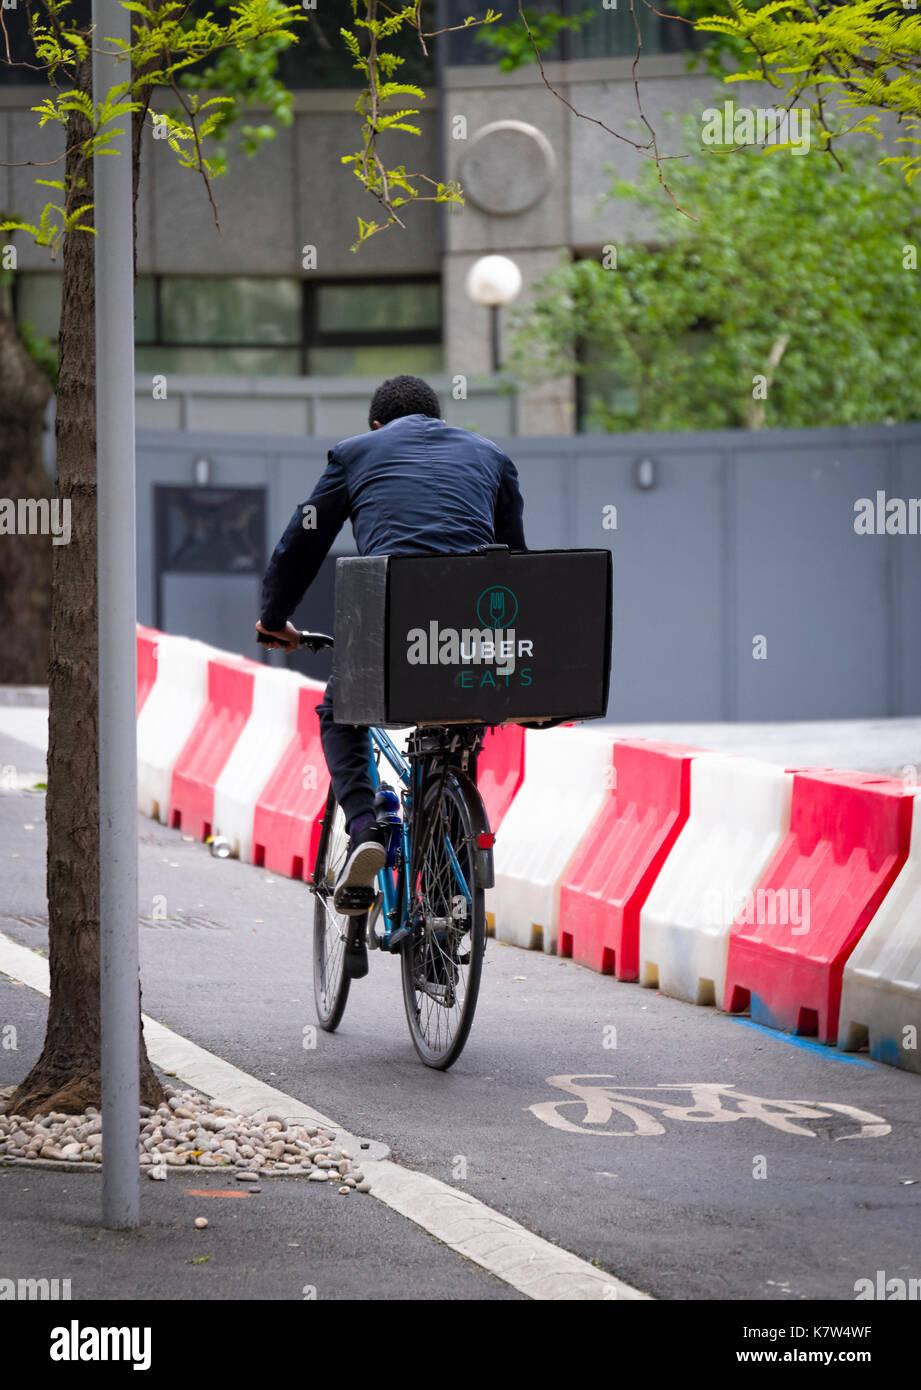 Ubereats livraison cycle courier à Londres, est un ubereats à emporter, service qui peut être commandé à partir d'un smartphone Photo Stock